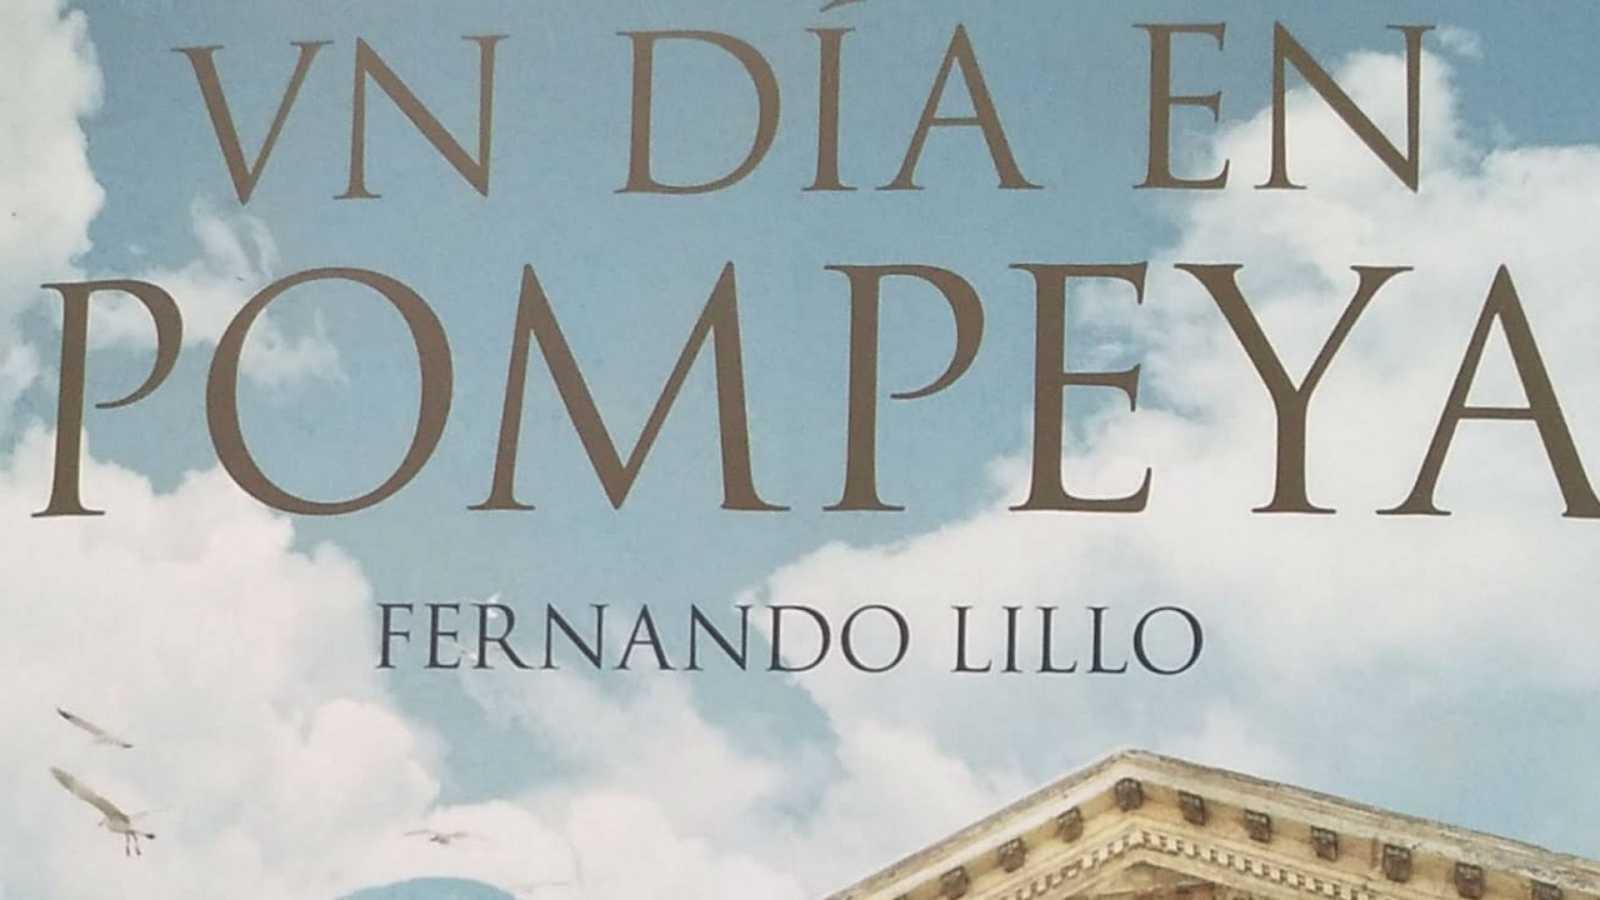 La historia de cada día - Cómo era la vida cotidiana en Pompeya - 01/03/20 - escuchar ahora